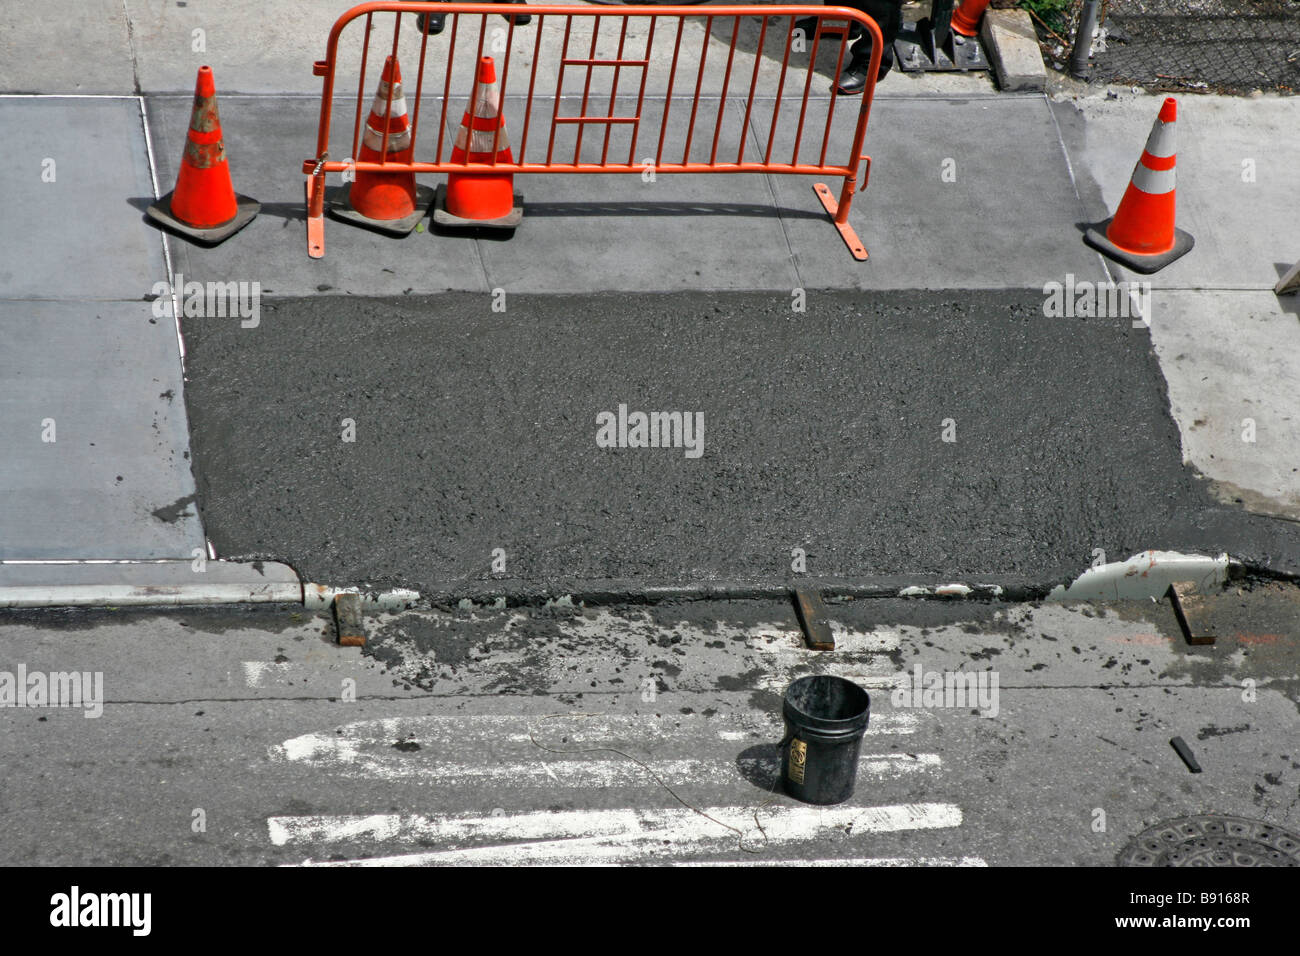 Le séchage du ciment humide sur le trottoir. Banque D'Images